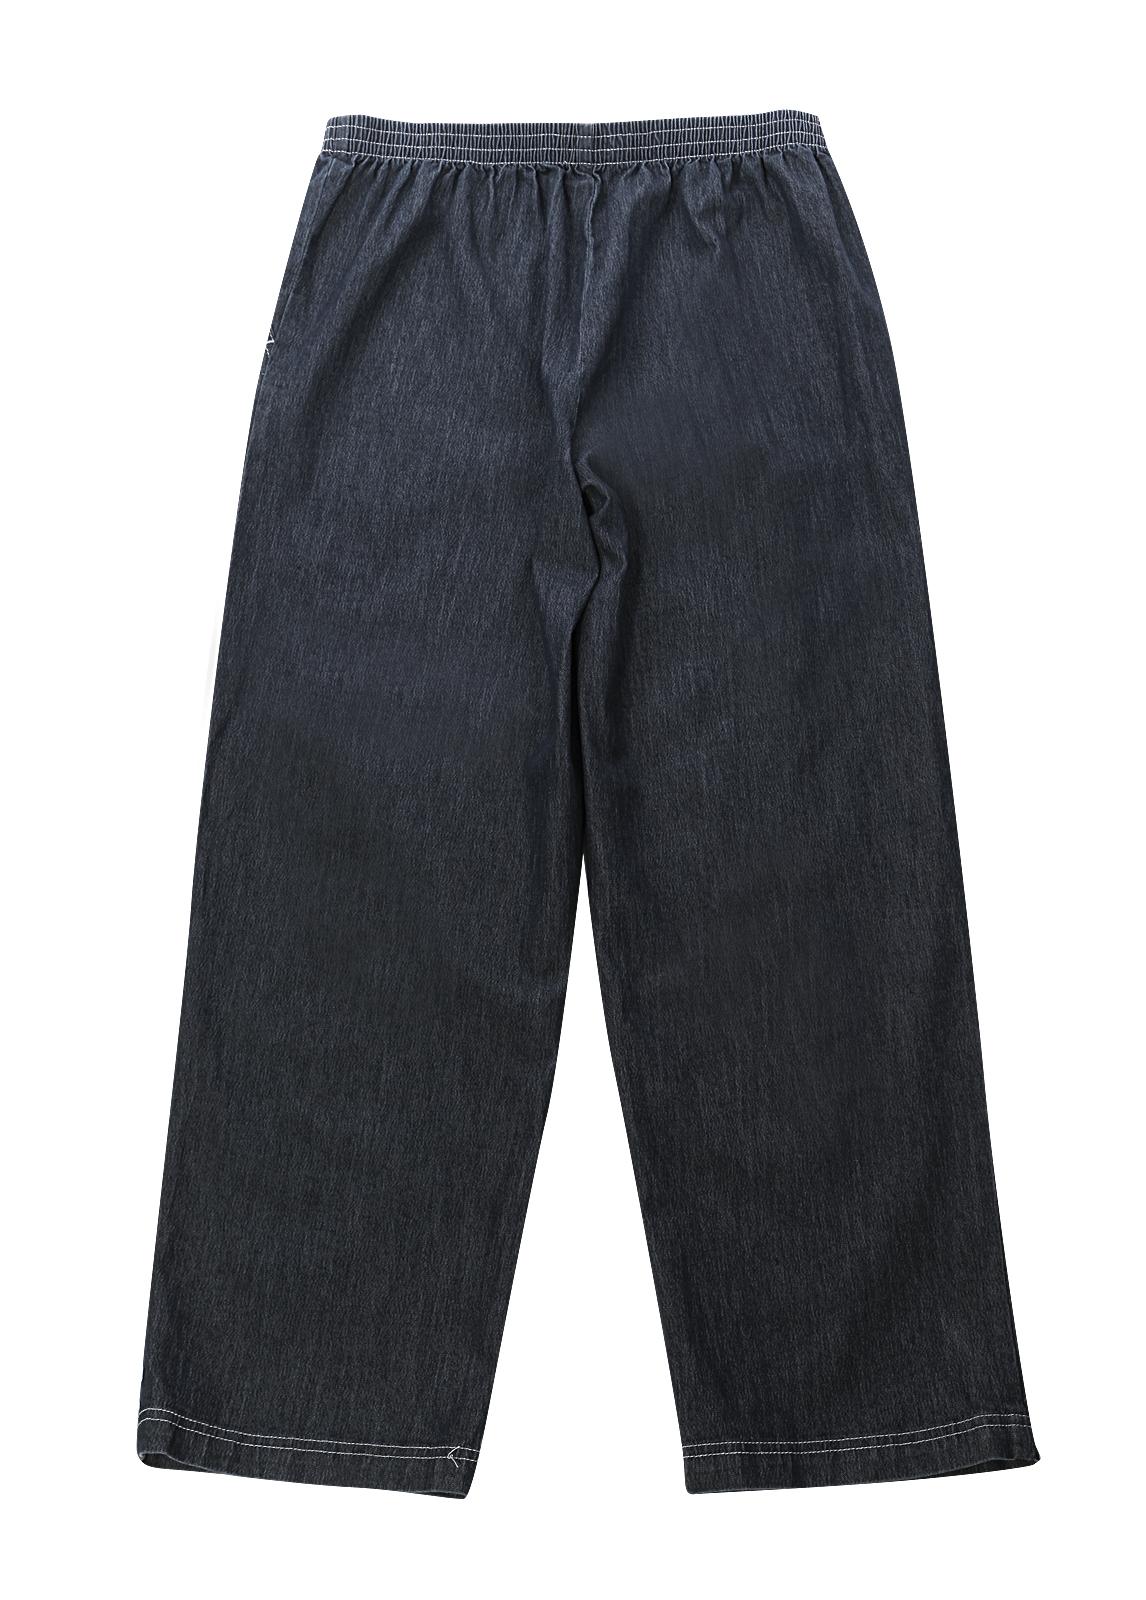 Womens Denim Jeans Elastic Waist Low Rise Pants Blue ... - photo#21